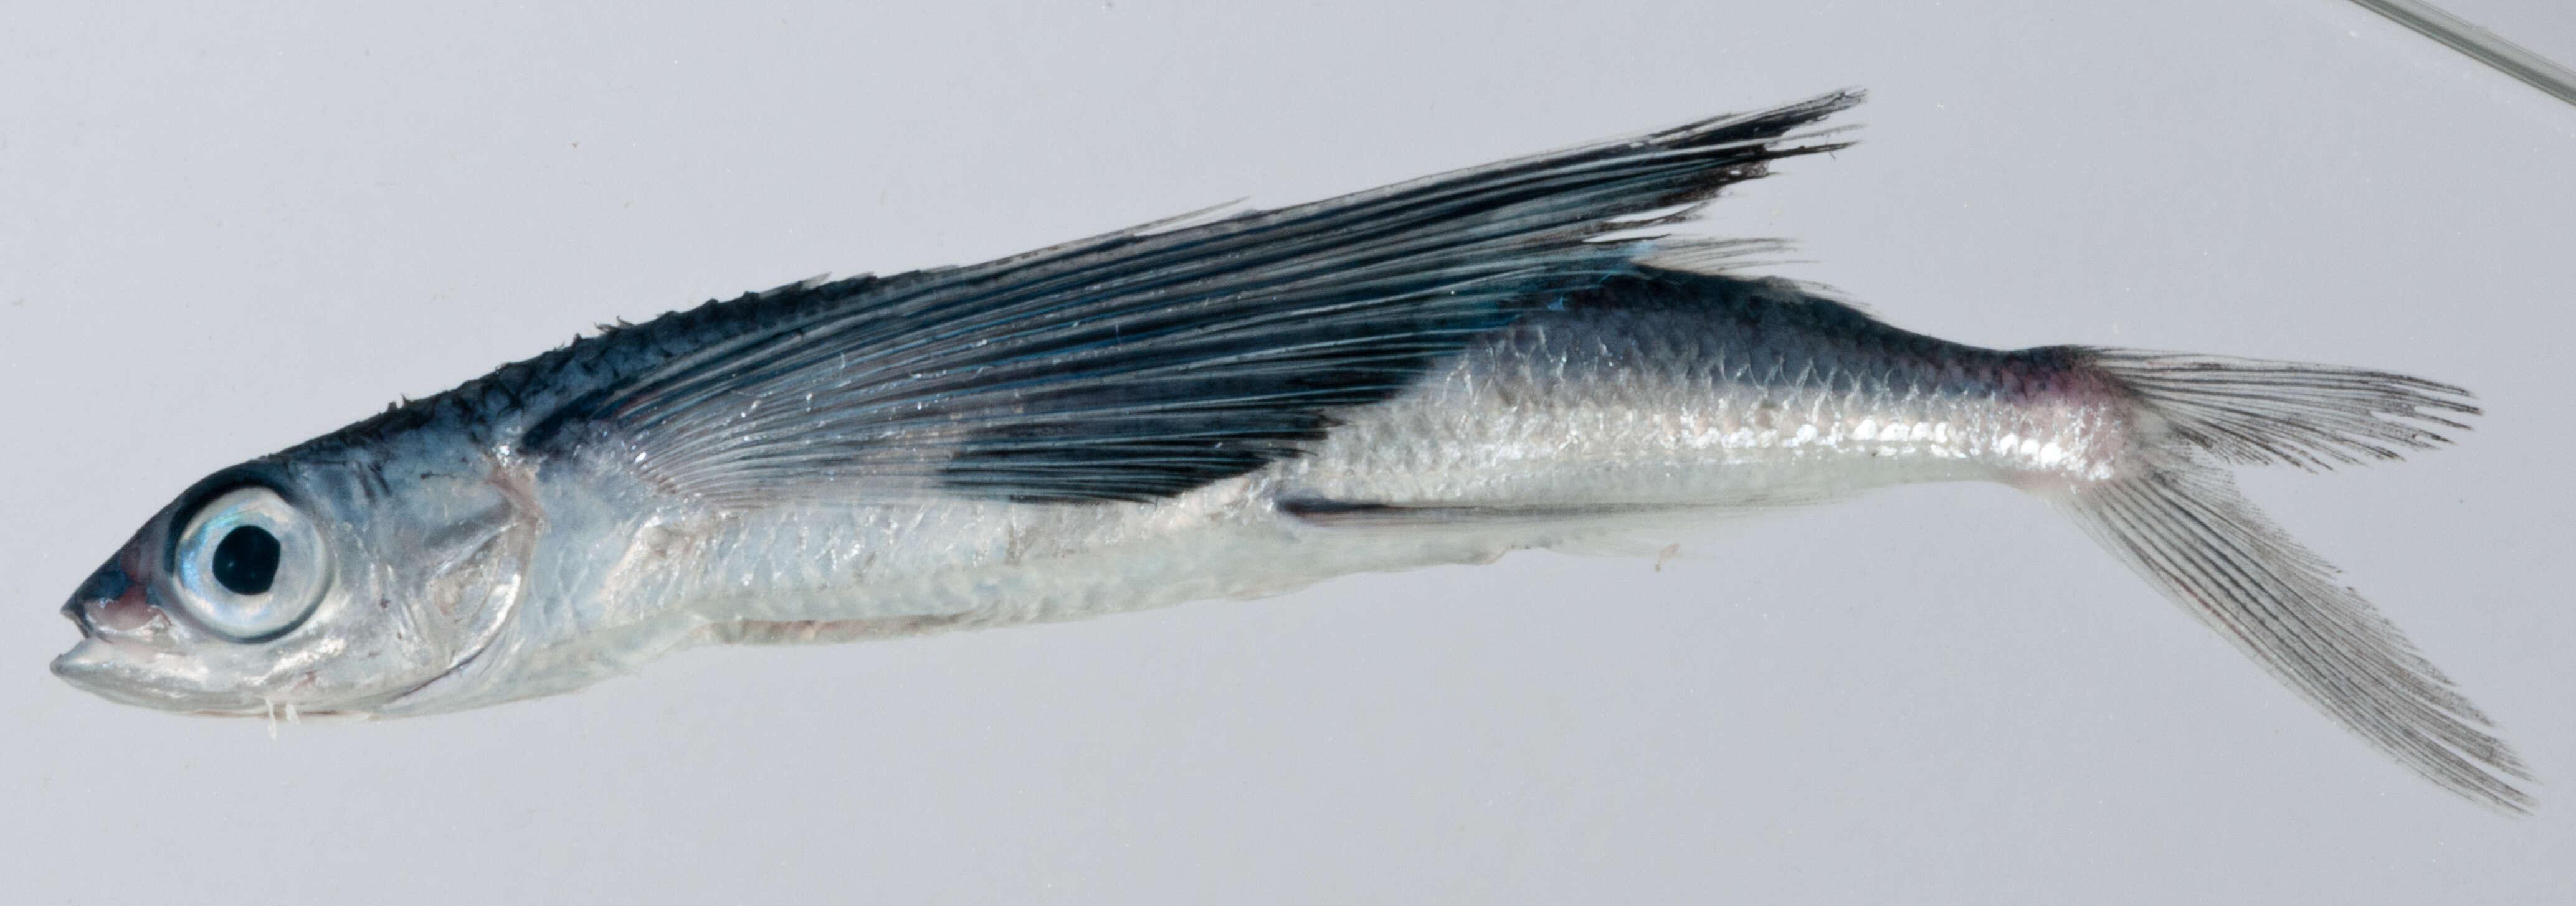 Image of Hirundichthys